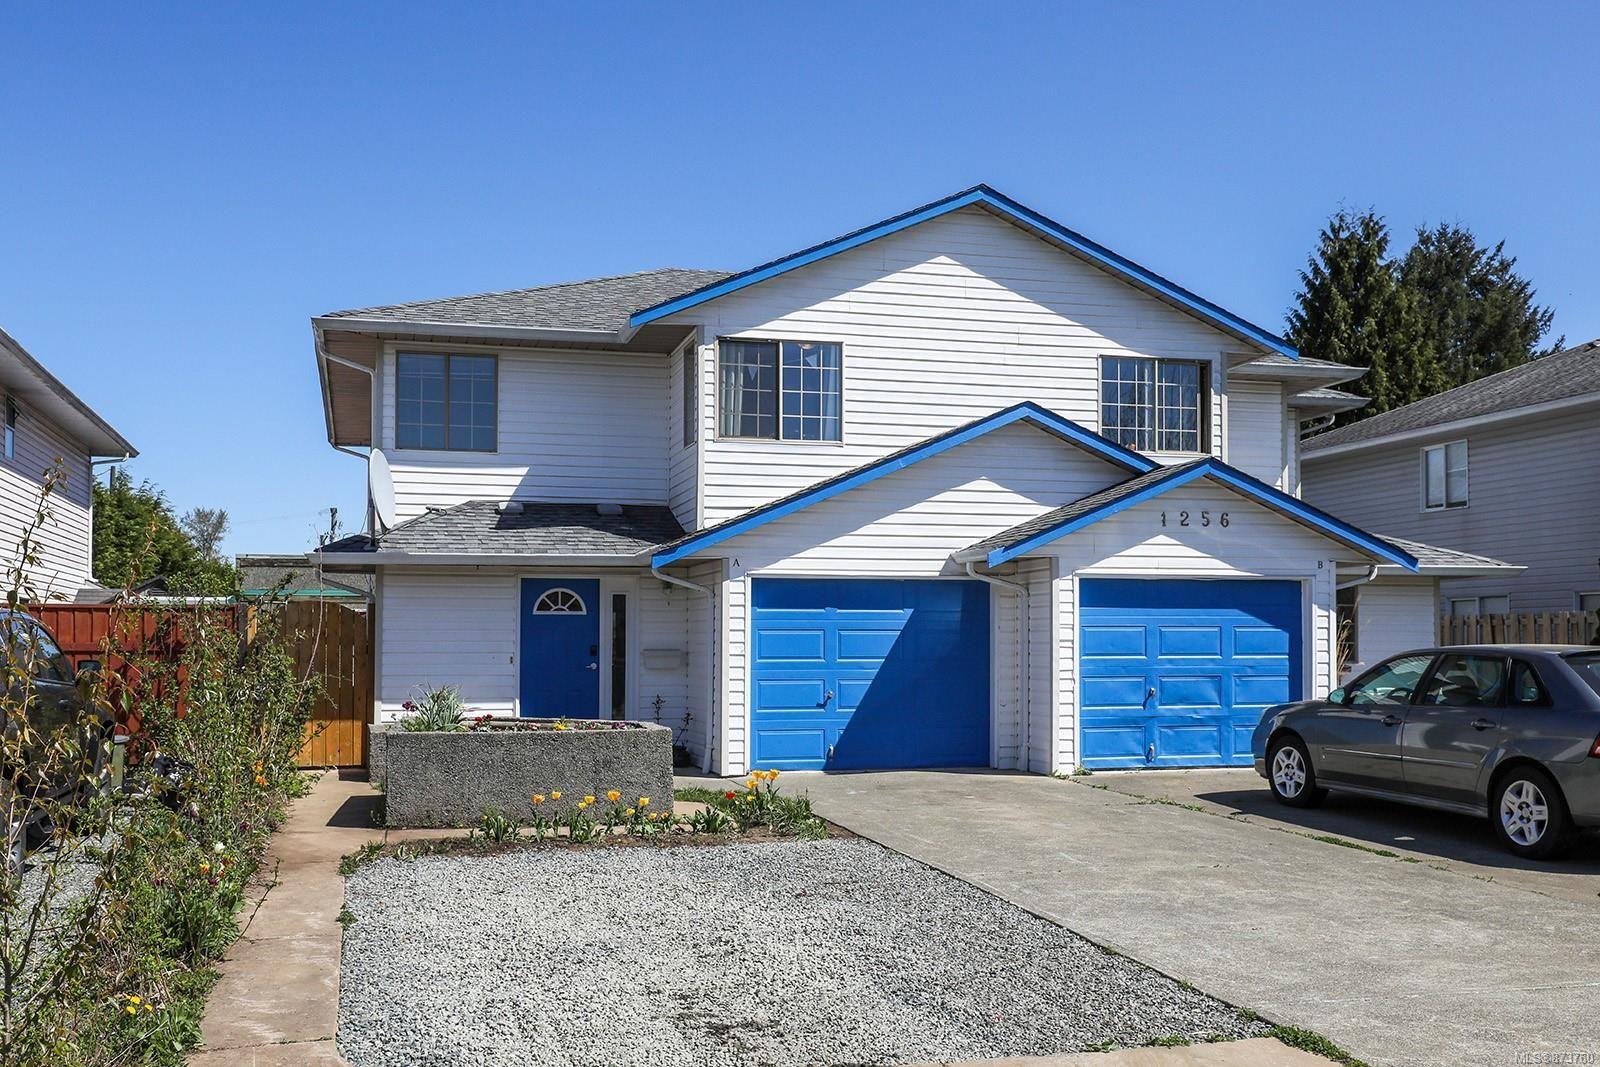 Main Photo: A 1256 Joshua Pl in : CV Courtenay City Half Duplex for sale (Comox Valley)  : MLS®# 873760